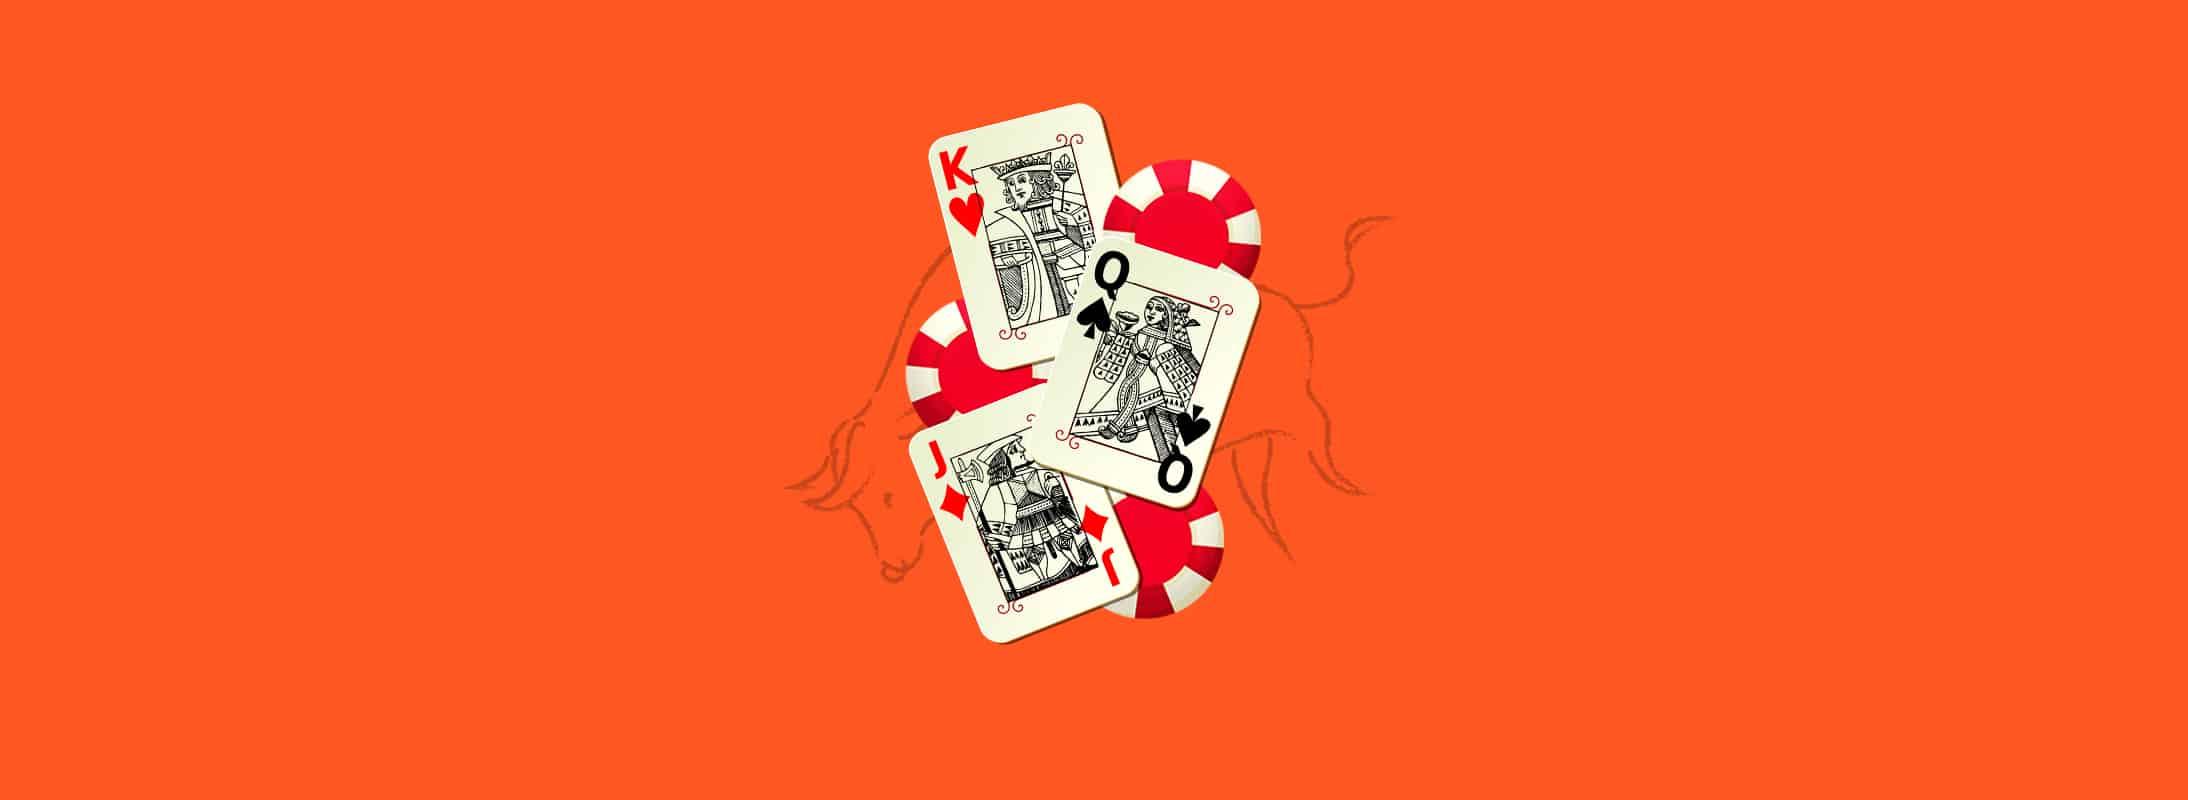 Casinonyheter - uke 38 - Norway CasinoTop Banner 02